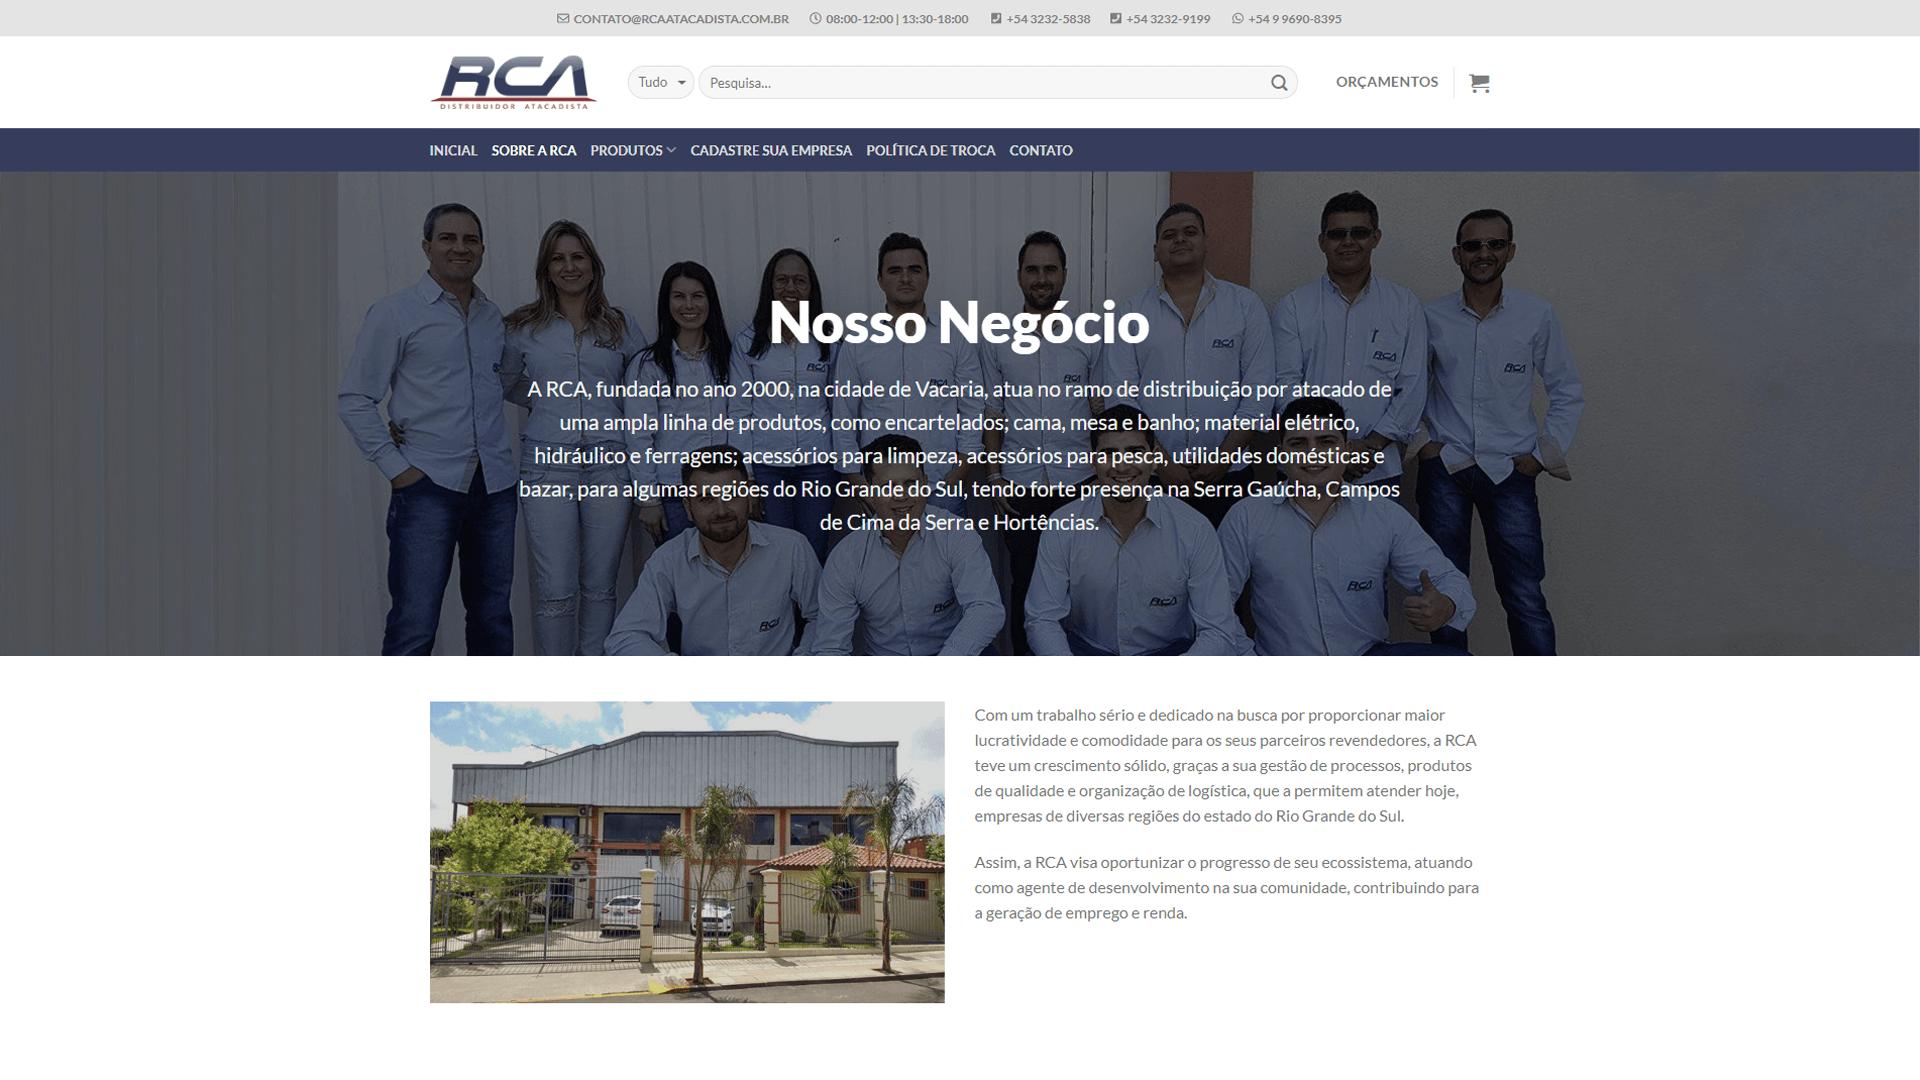 https://www.6i.com.br/case/rca-atacadista/